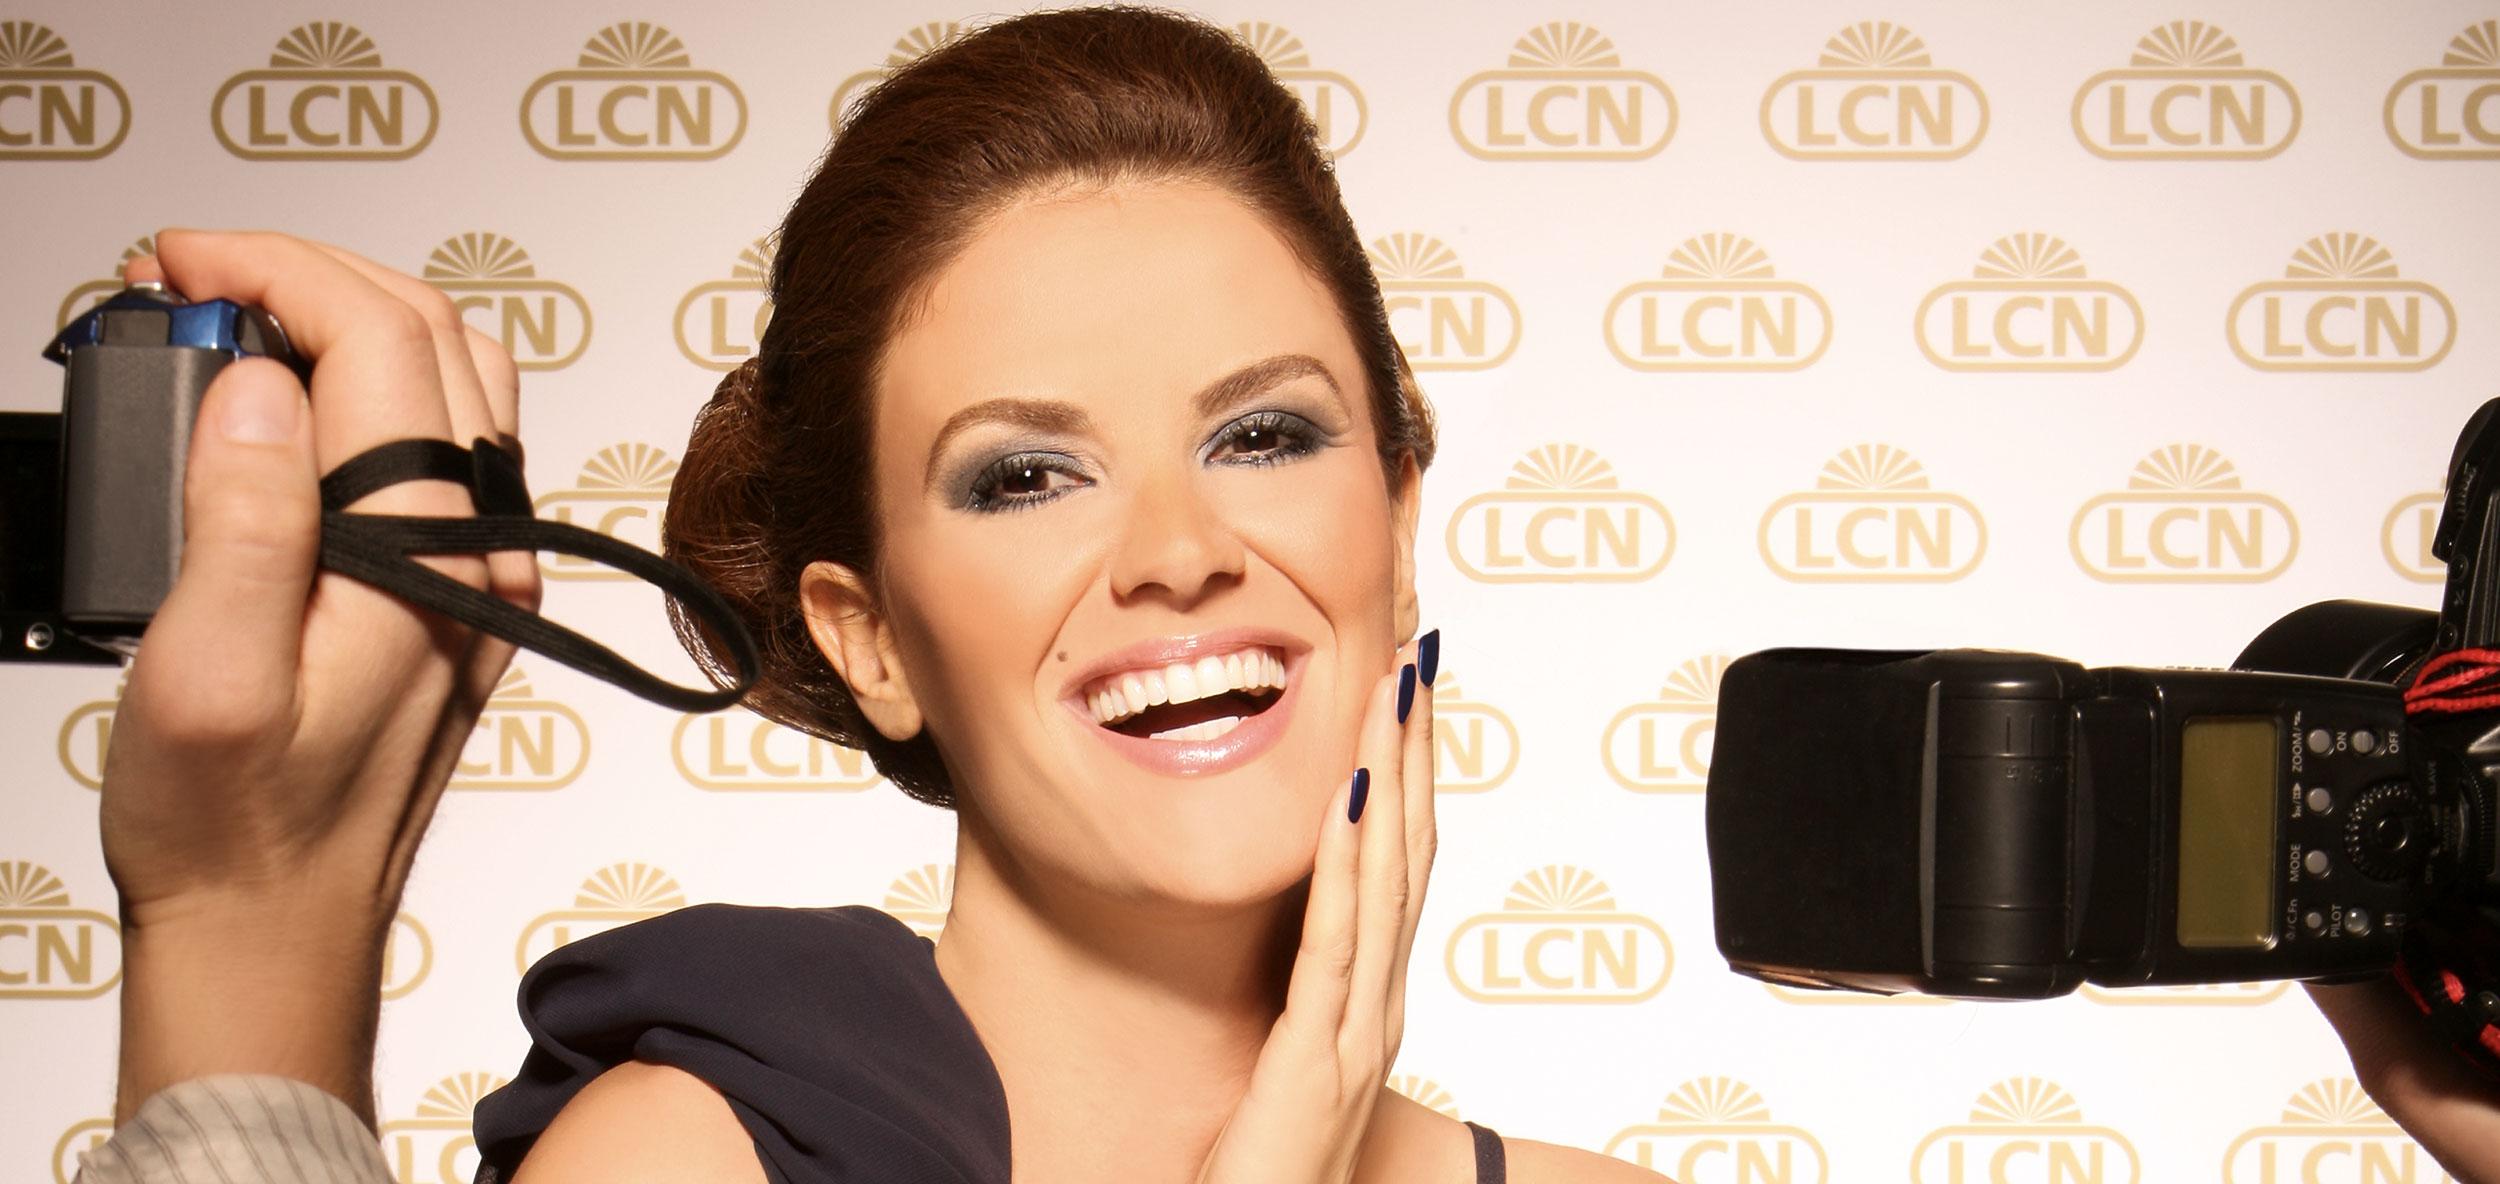 Modell som fotograferes forran en vegg med LCN-logo